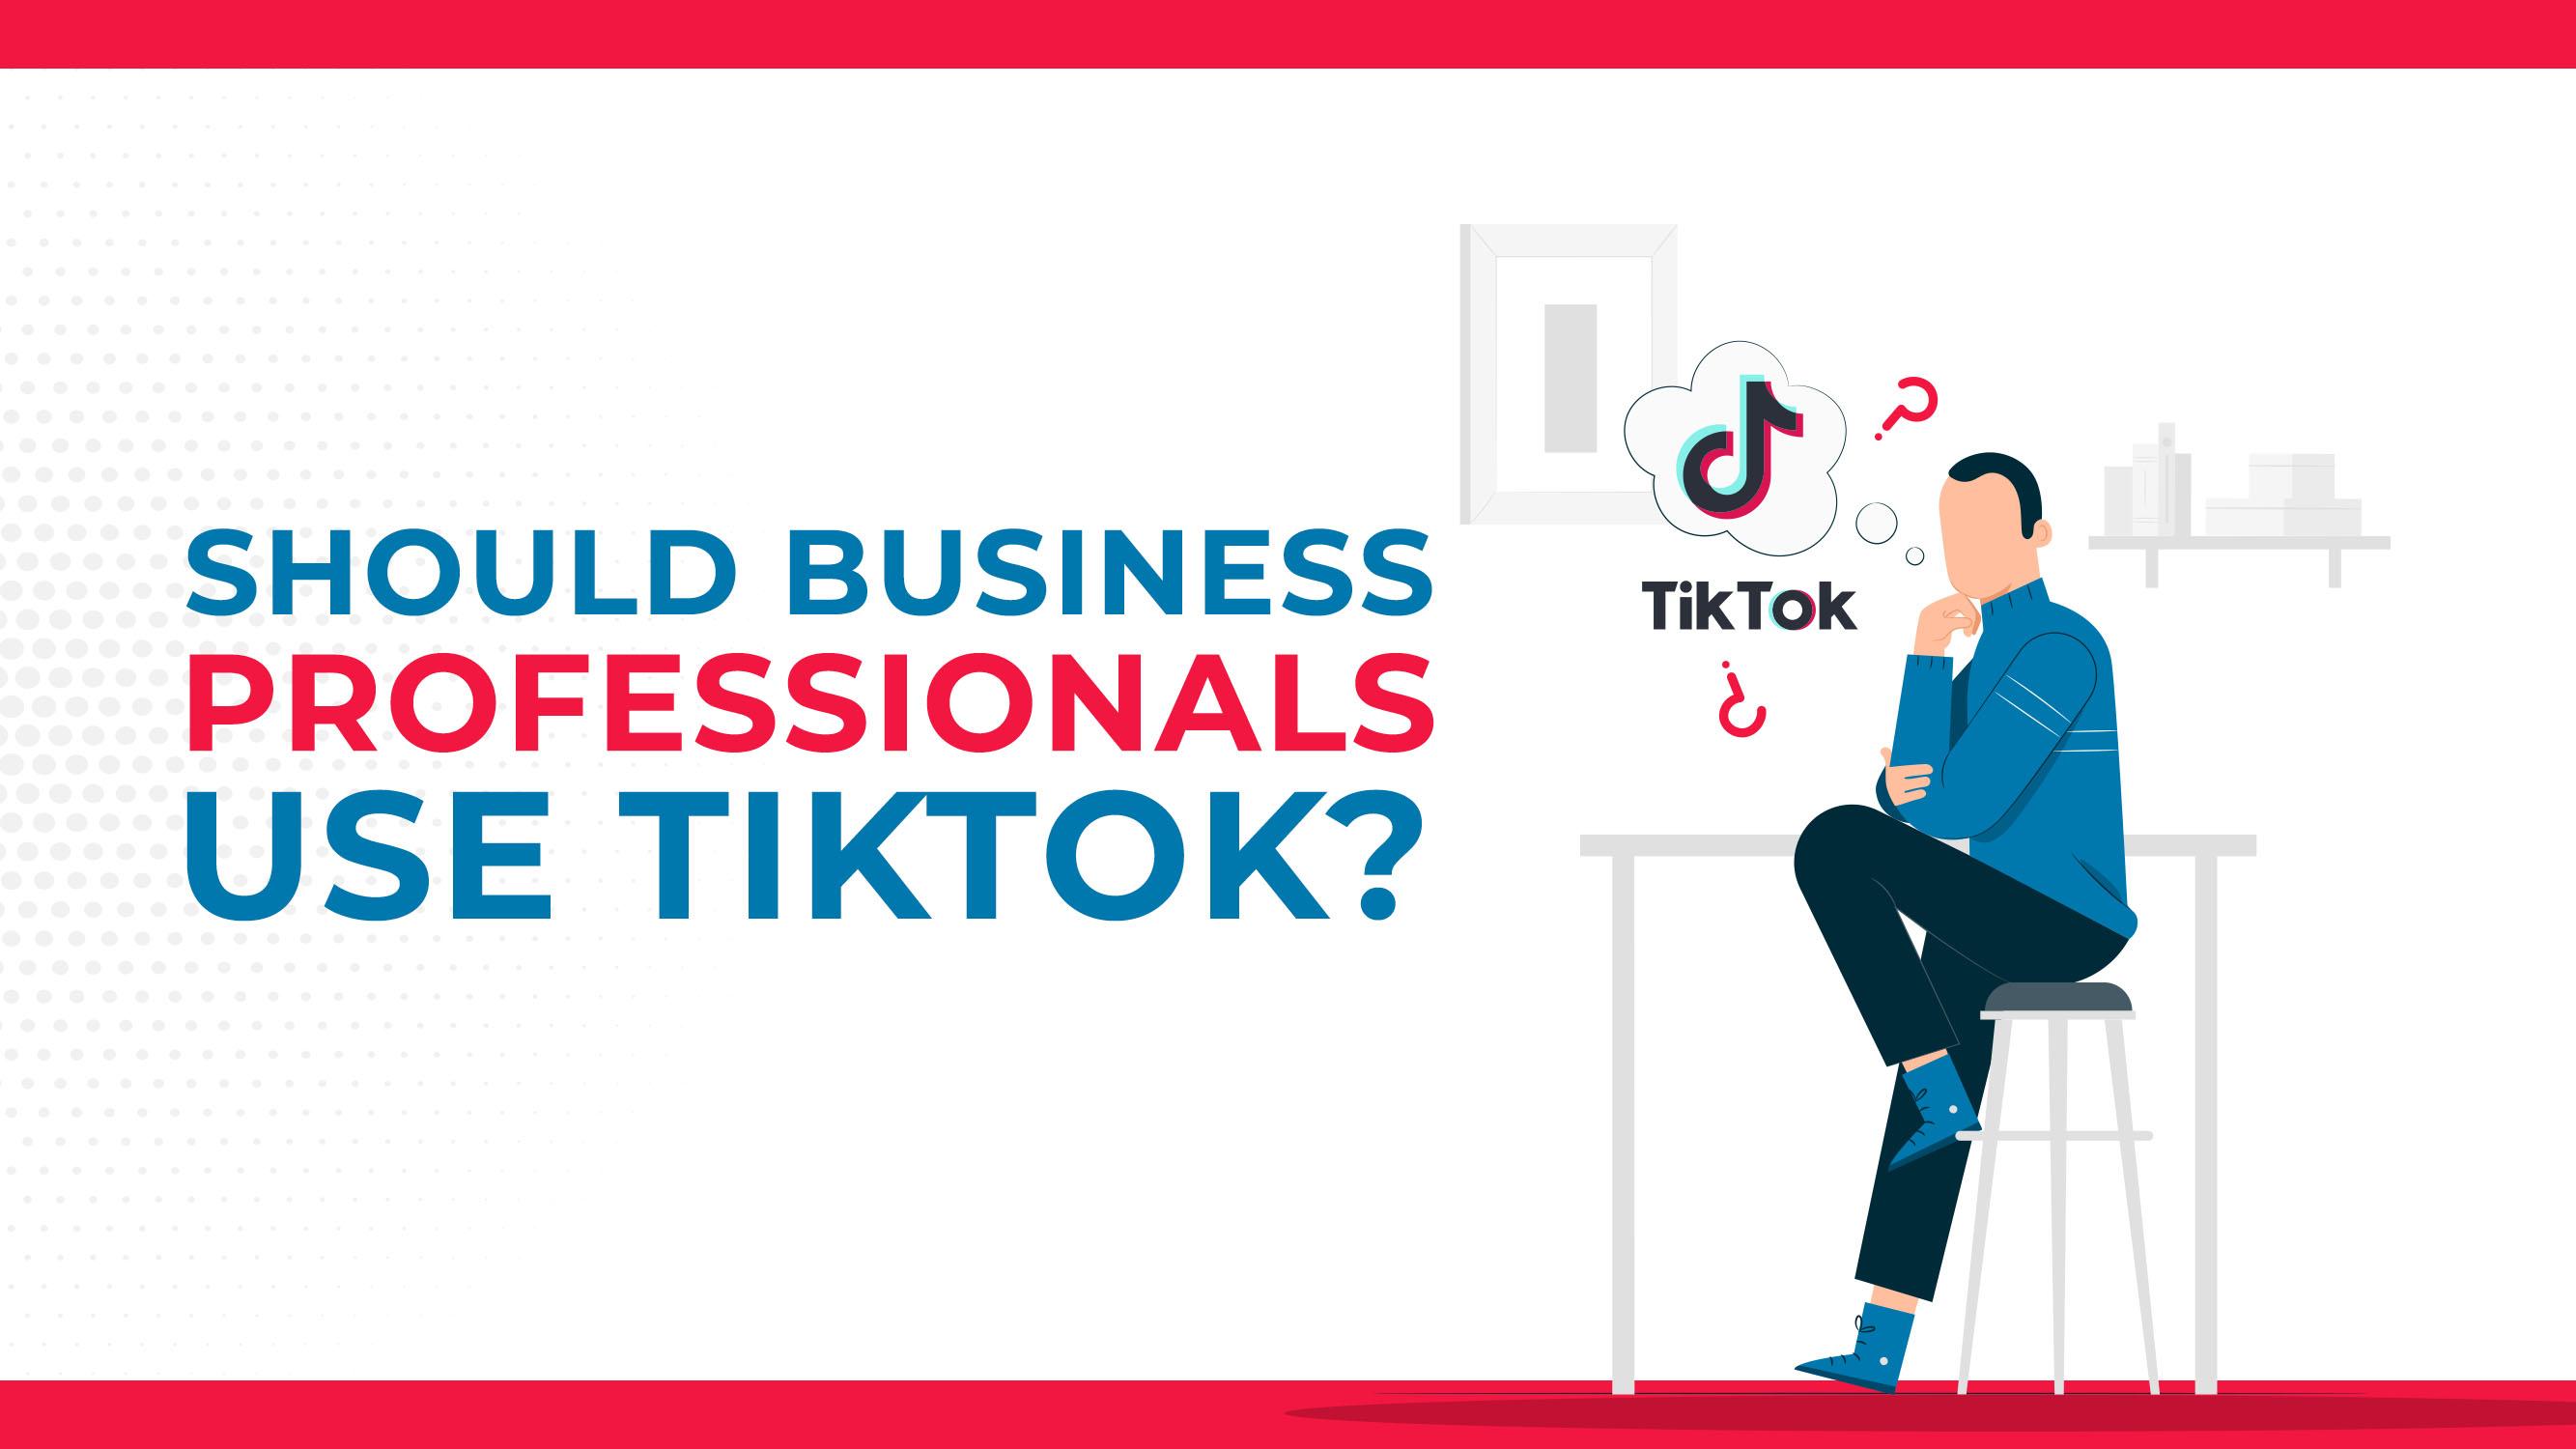 I professionisti del business dovrebbero usare TikTok?